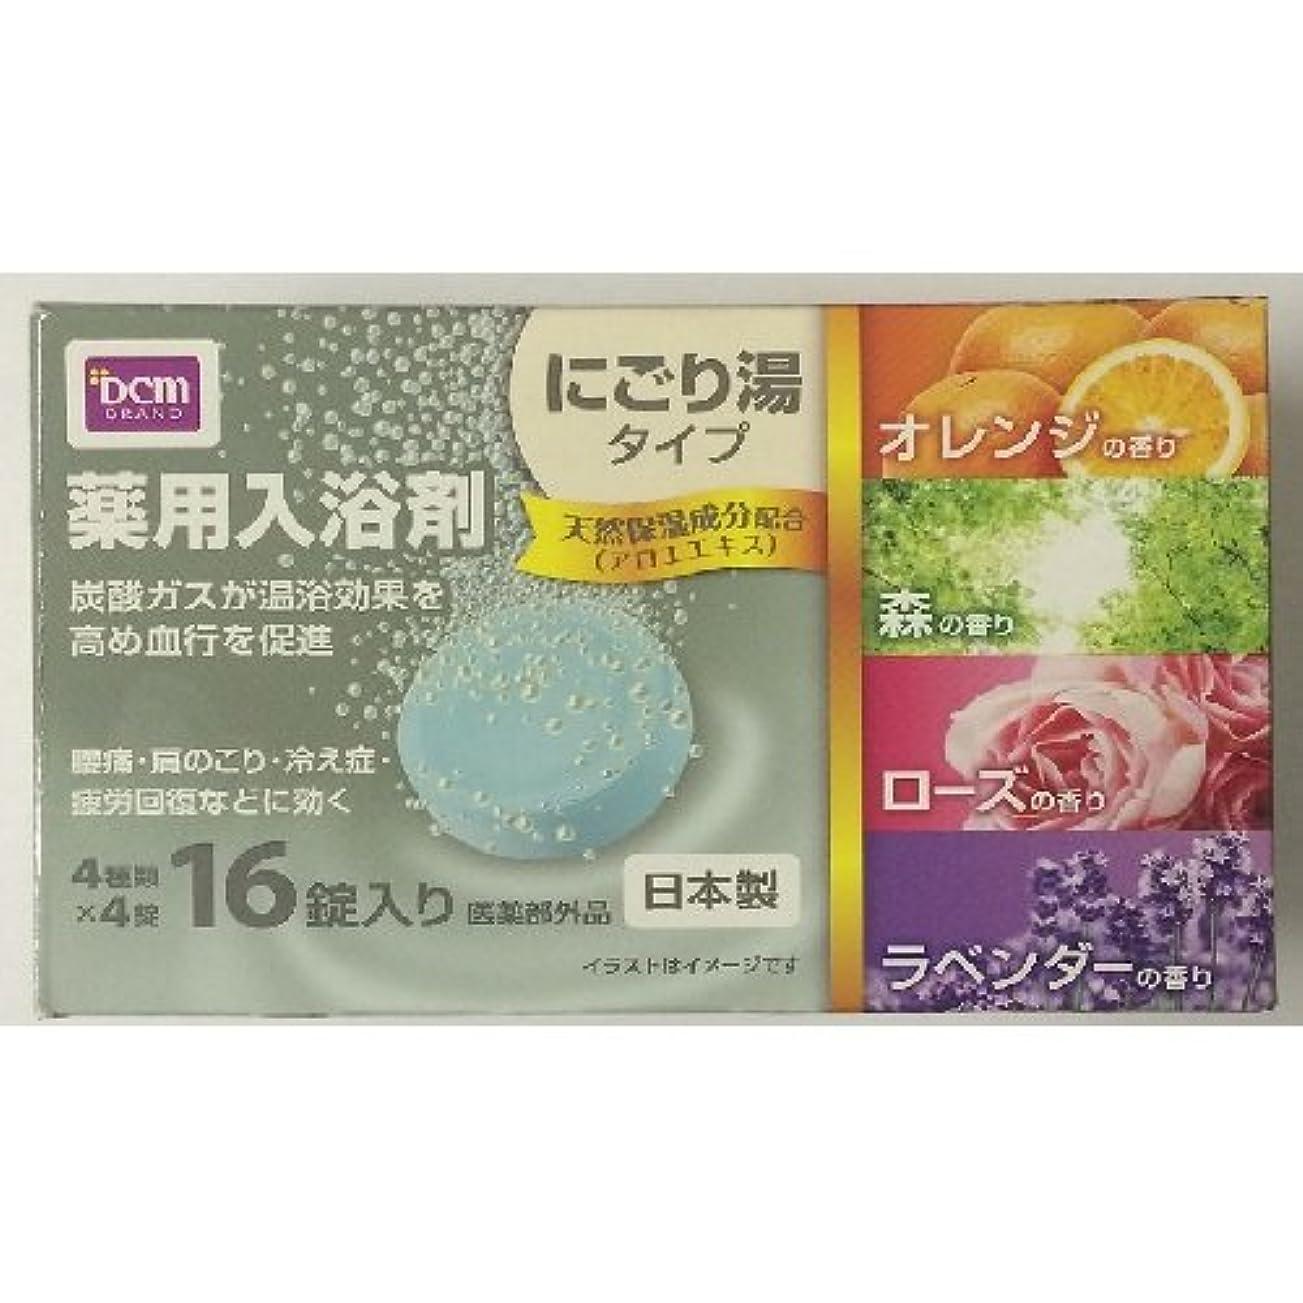 留め金カビセンブランス薬用発泡入浴剤 にごりタイプ16錠